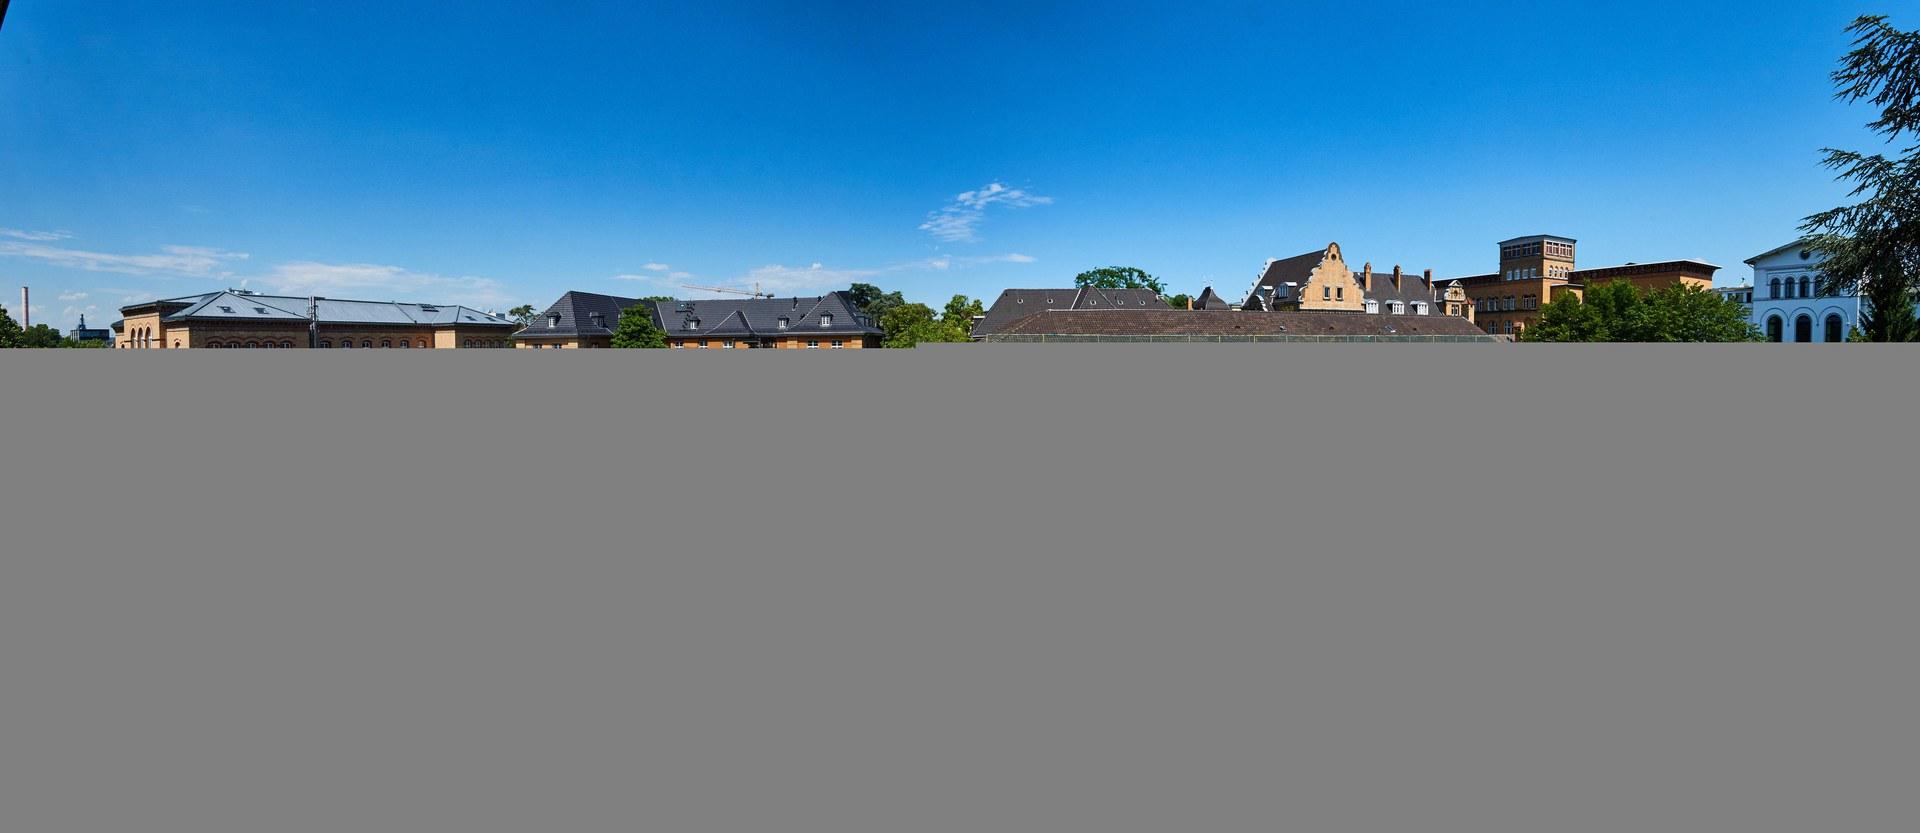 Die Gewächshäuser am Katzenburgweg 2 in Poppelsdorf: